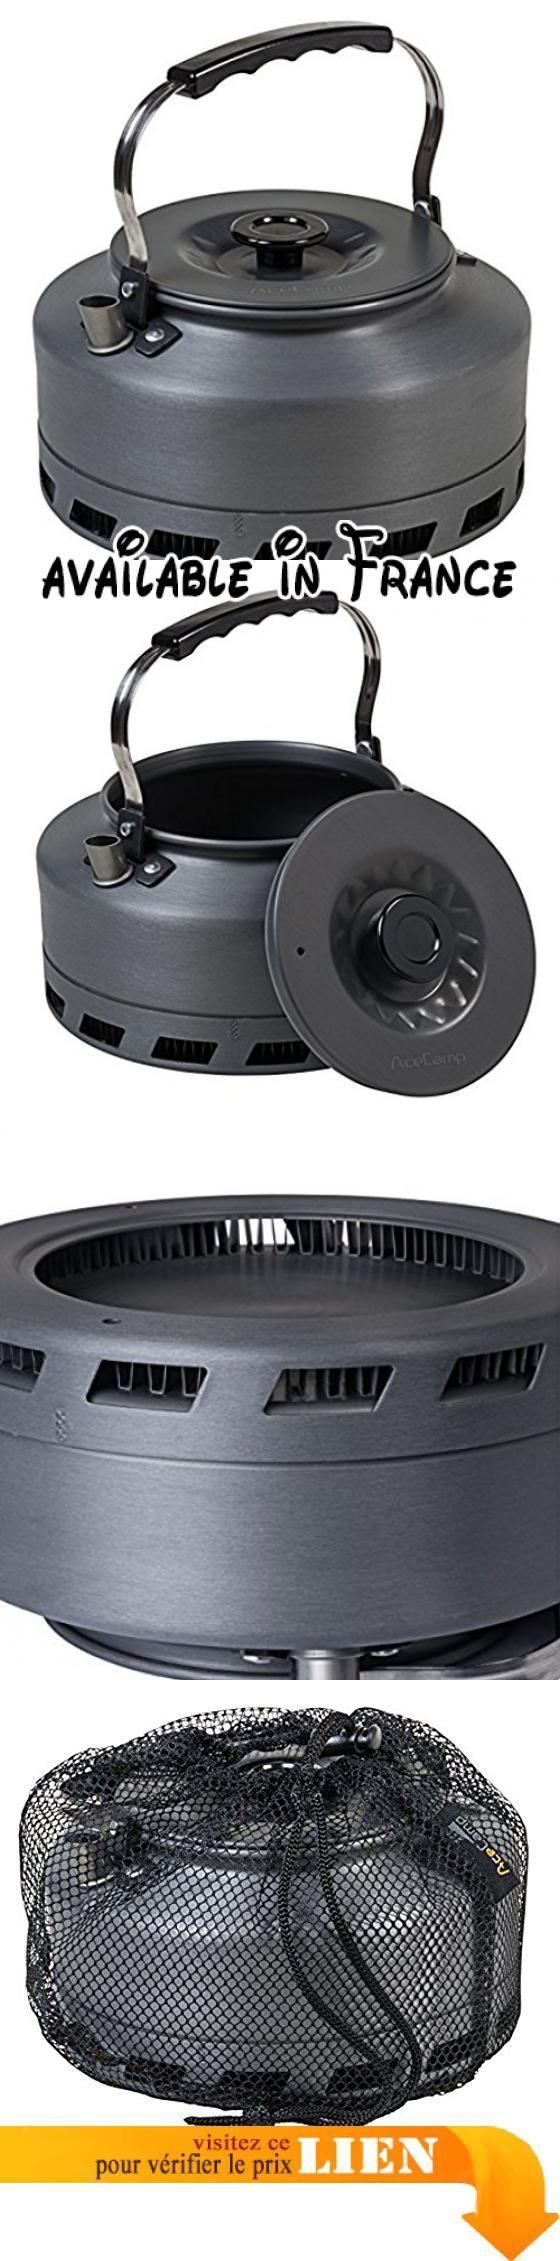 B077B21T4P : AceCamp HE Théière ultra léger290g Bouilloire Théière échangeur de chaleur en aluminium anodisé 1.6L anthracite 1664. Chauffe rapide grâce à l'échangeur de chaleur au fond du faitout et permet ainsi 30% le carburant et un temps précieux. Poids: 290g seulement-mais 1.6L. De haute qualité en aluminium anodisé ce qui rend la bouilloire est anti-rayures résistant et facile à nettoyer. La chaleur Anse peut être pliée